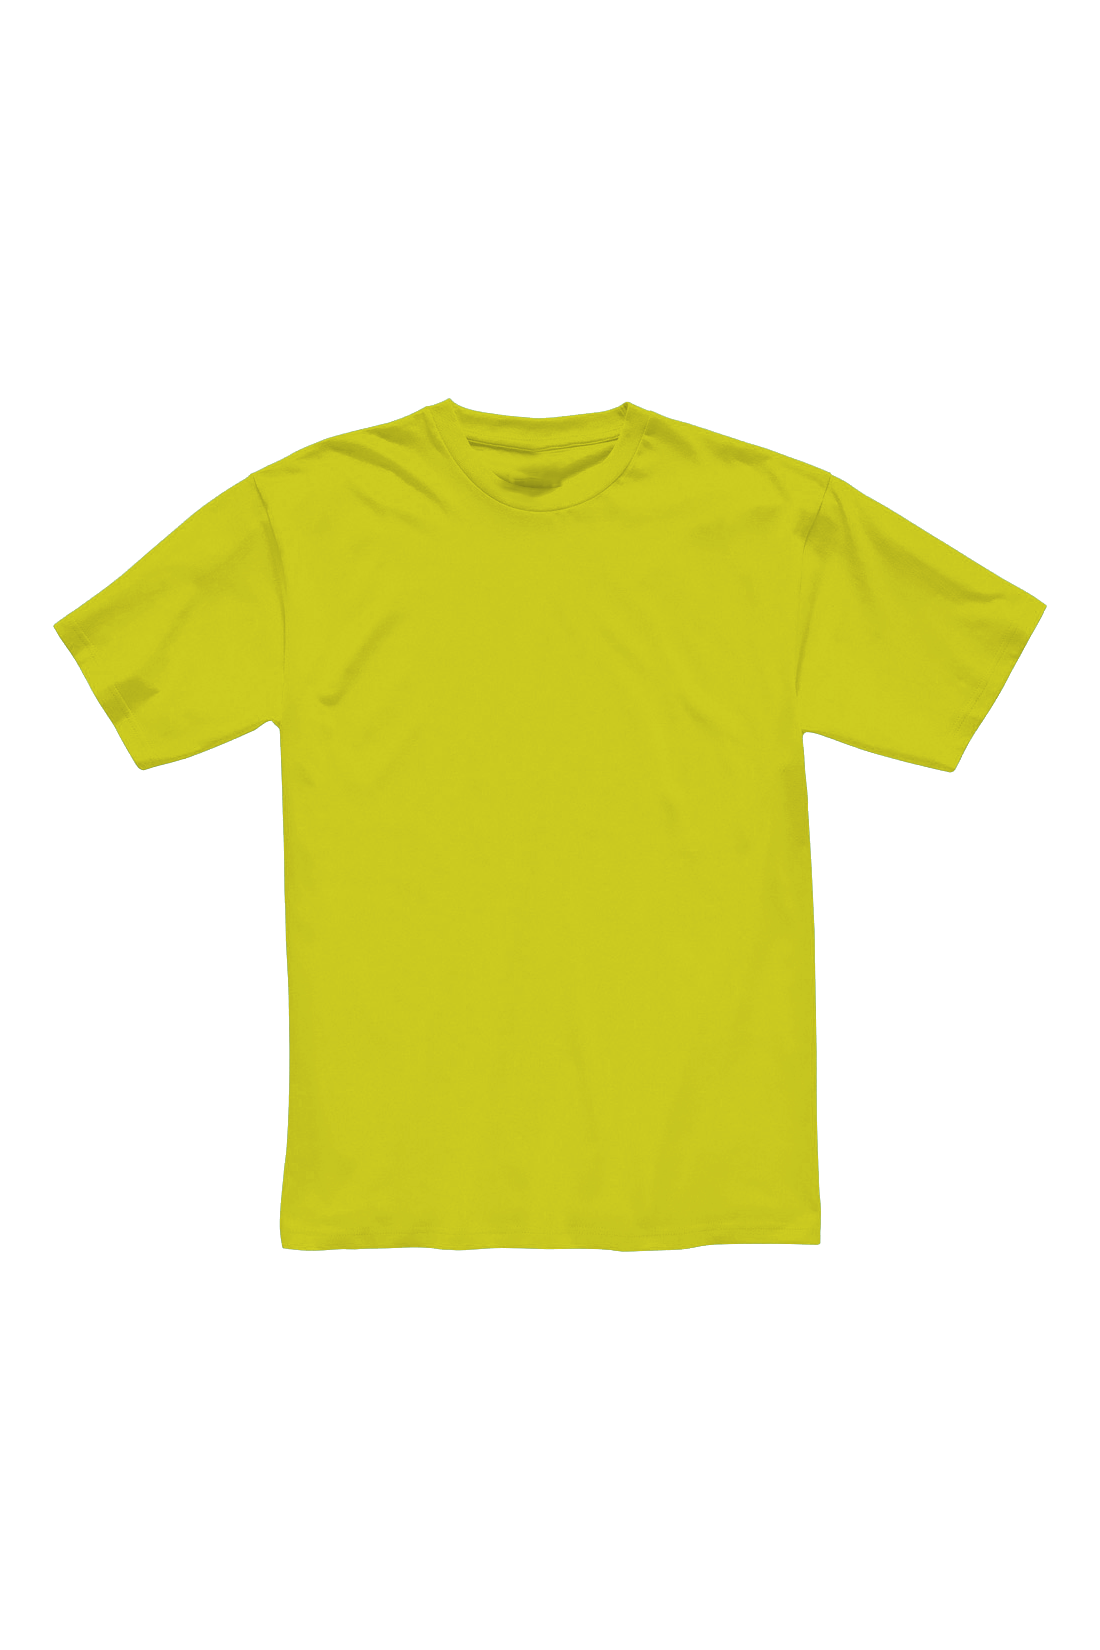 Футболка мужская жёлтая 1